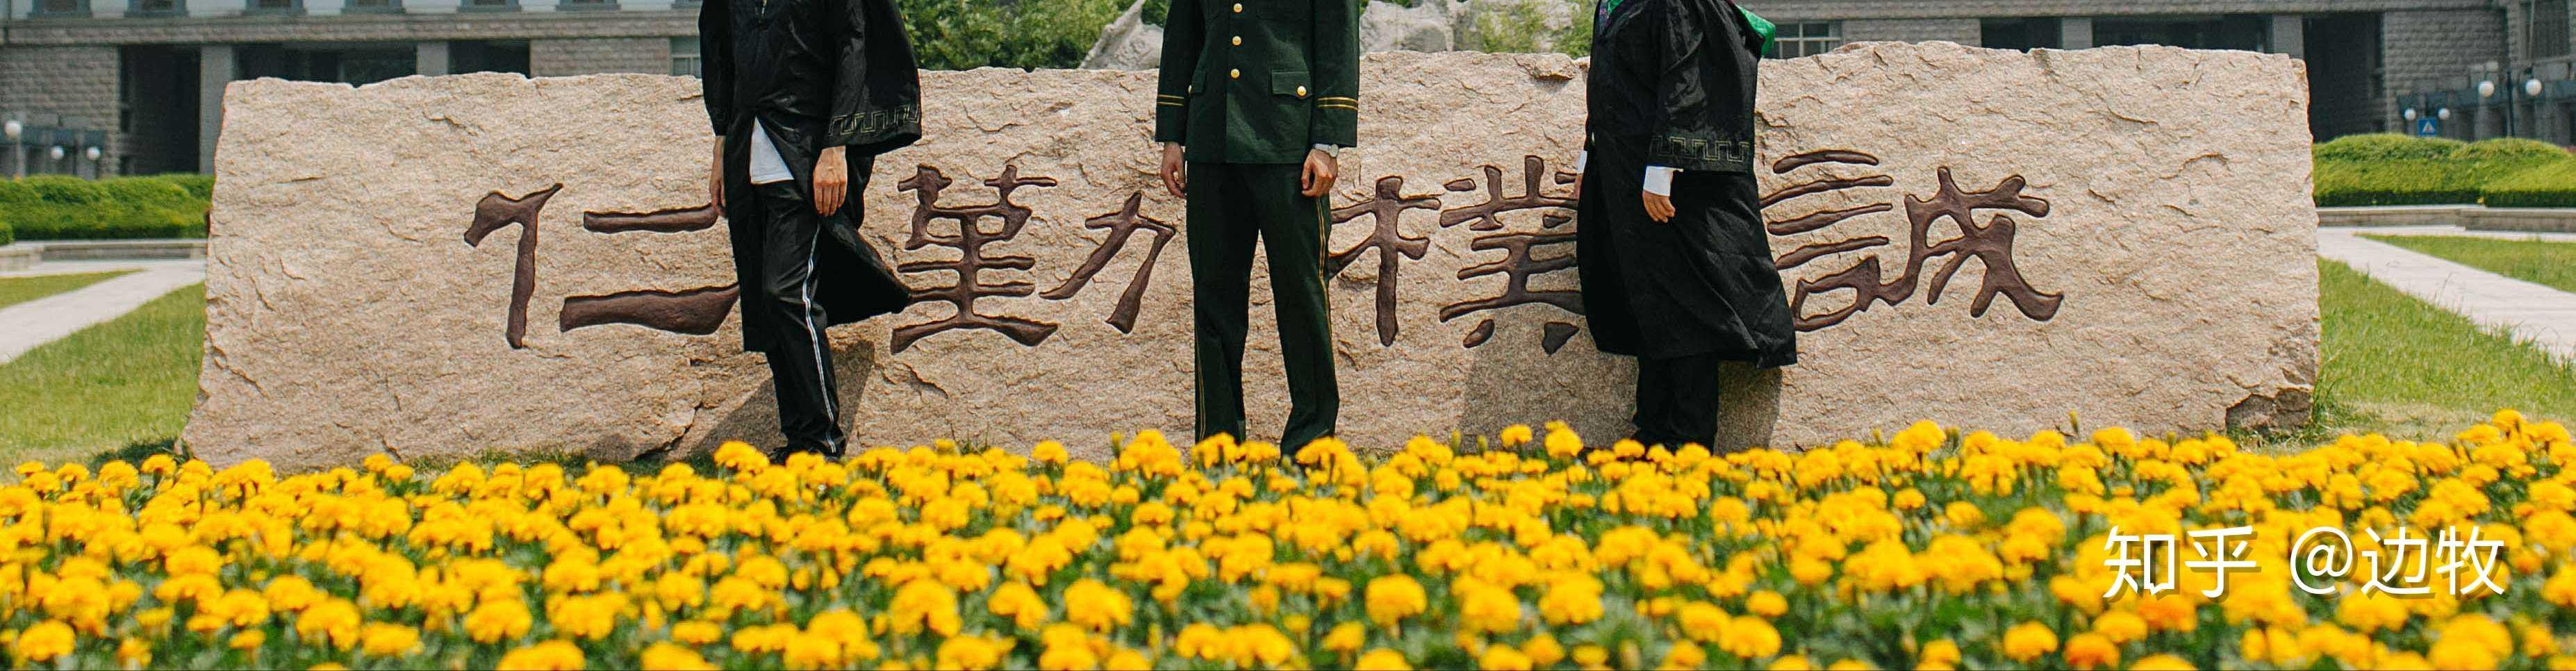 壁纸 成片种植 风景 植物 种植基地 桌面 3708_966